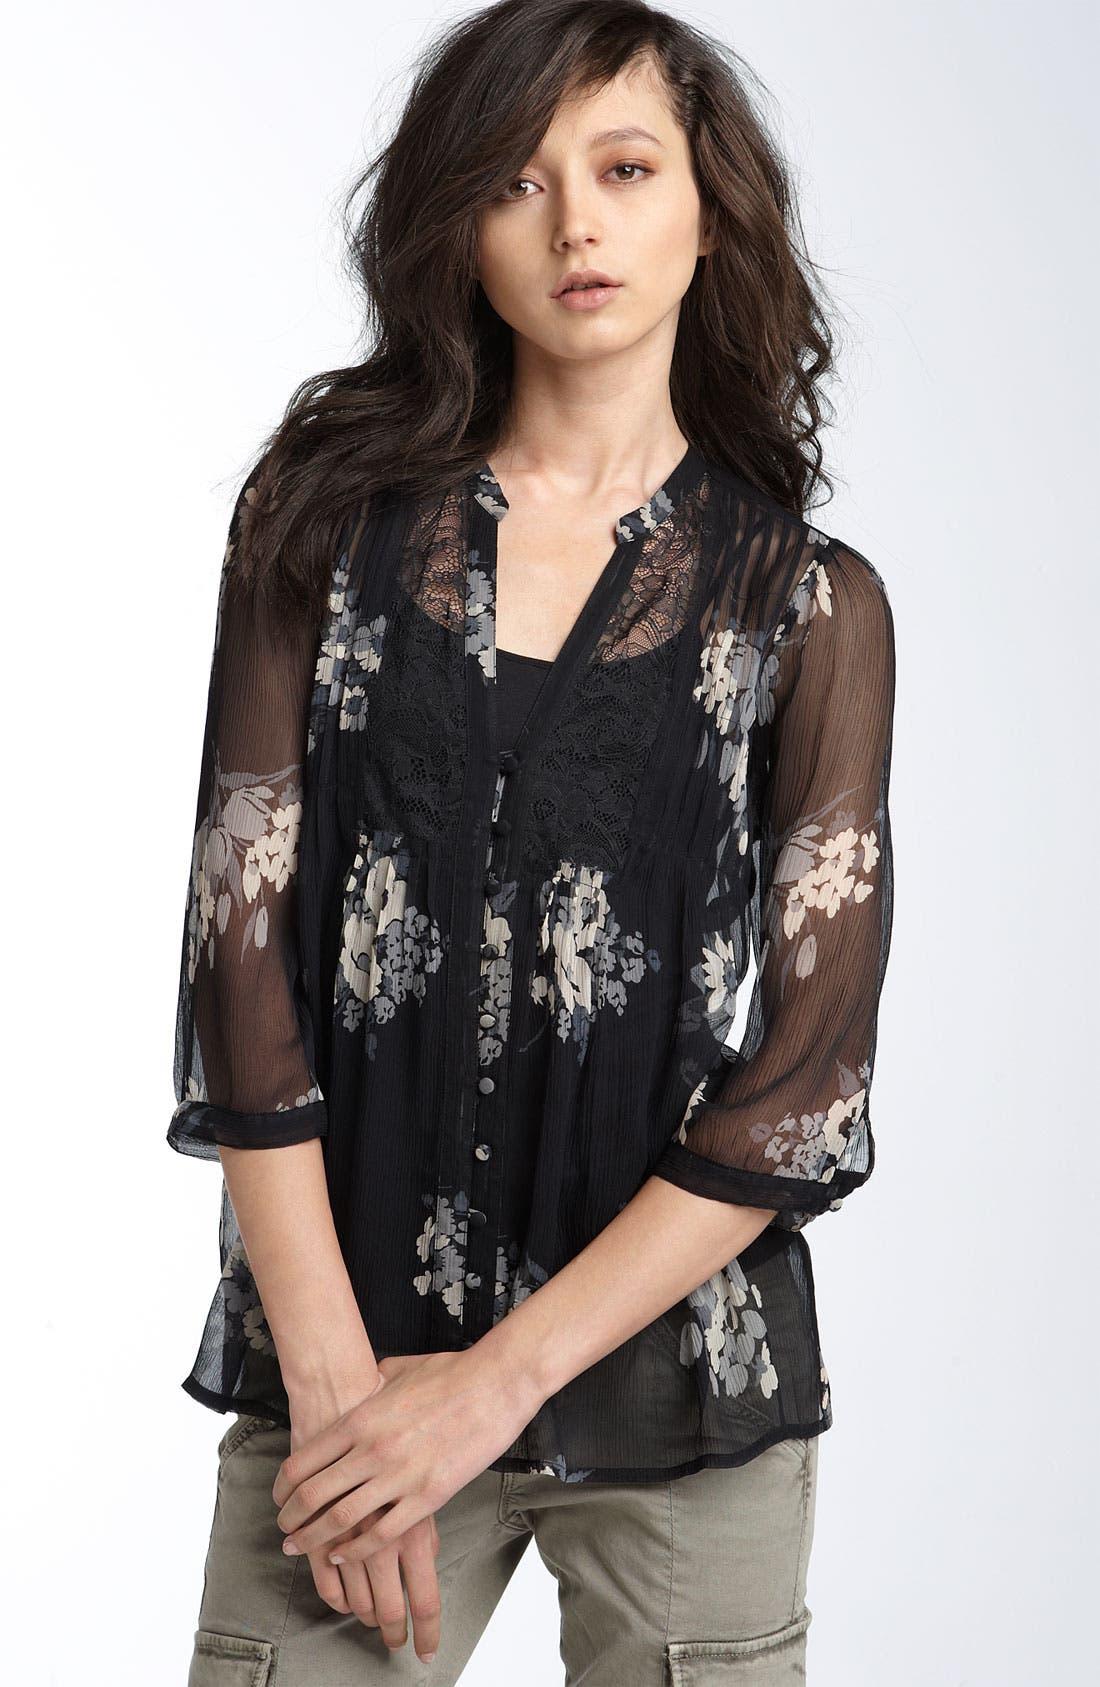 JOIE 'Leanne' Lace Inset Chiffon Top, Main, color, 002